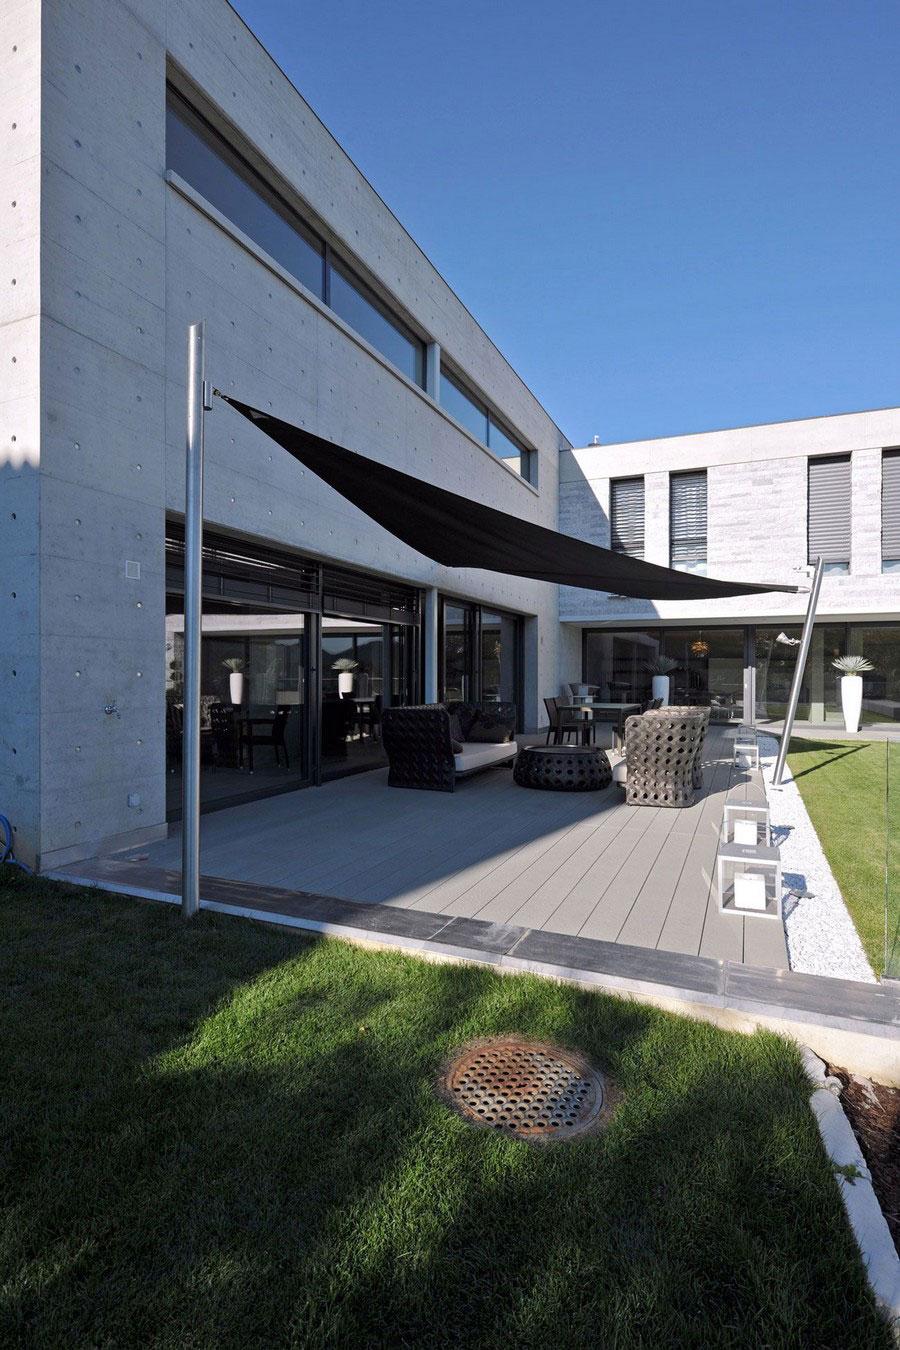 Ett unikt exempel på modern arkitektur nära sjön Lugano-4 Ett unikt exempel på modern arkitektur nära sjön Lugano